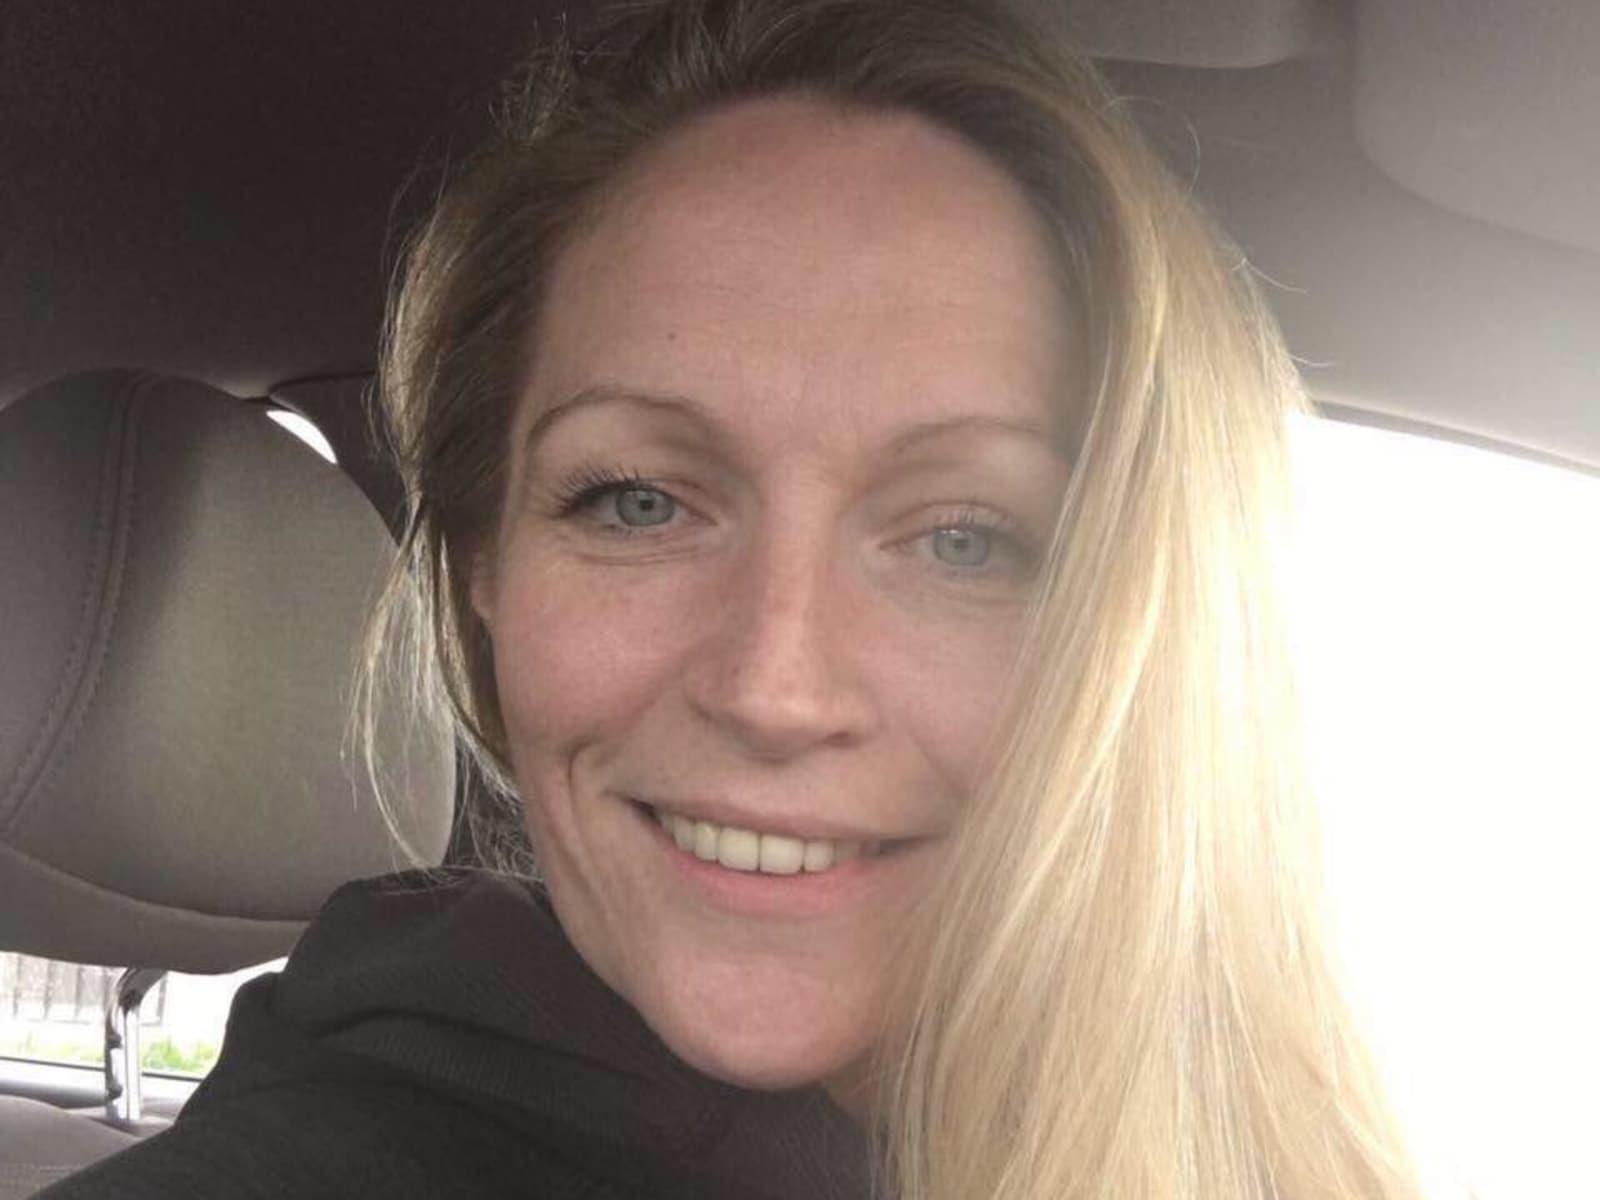 Laura from Sturminster Newton, United Kingdom